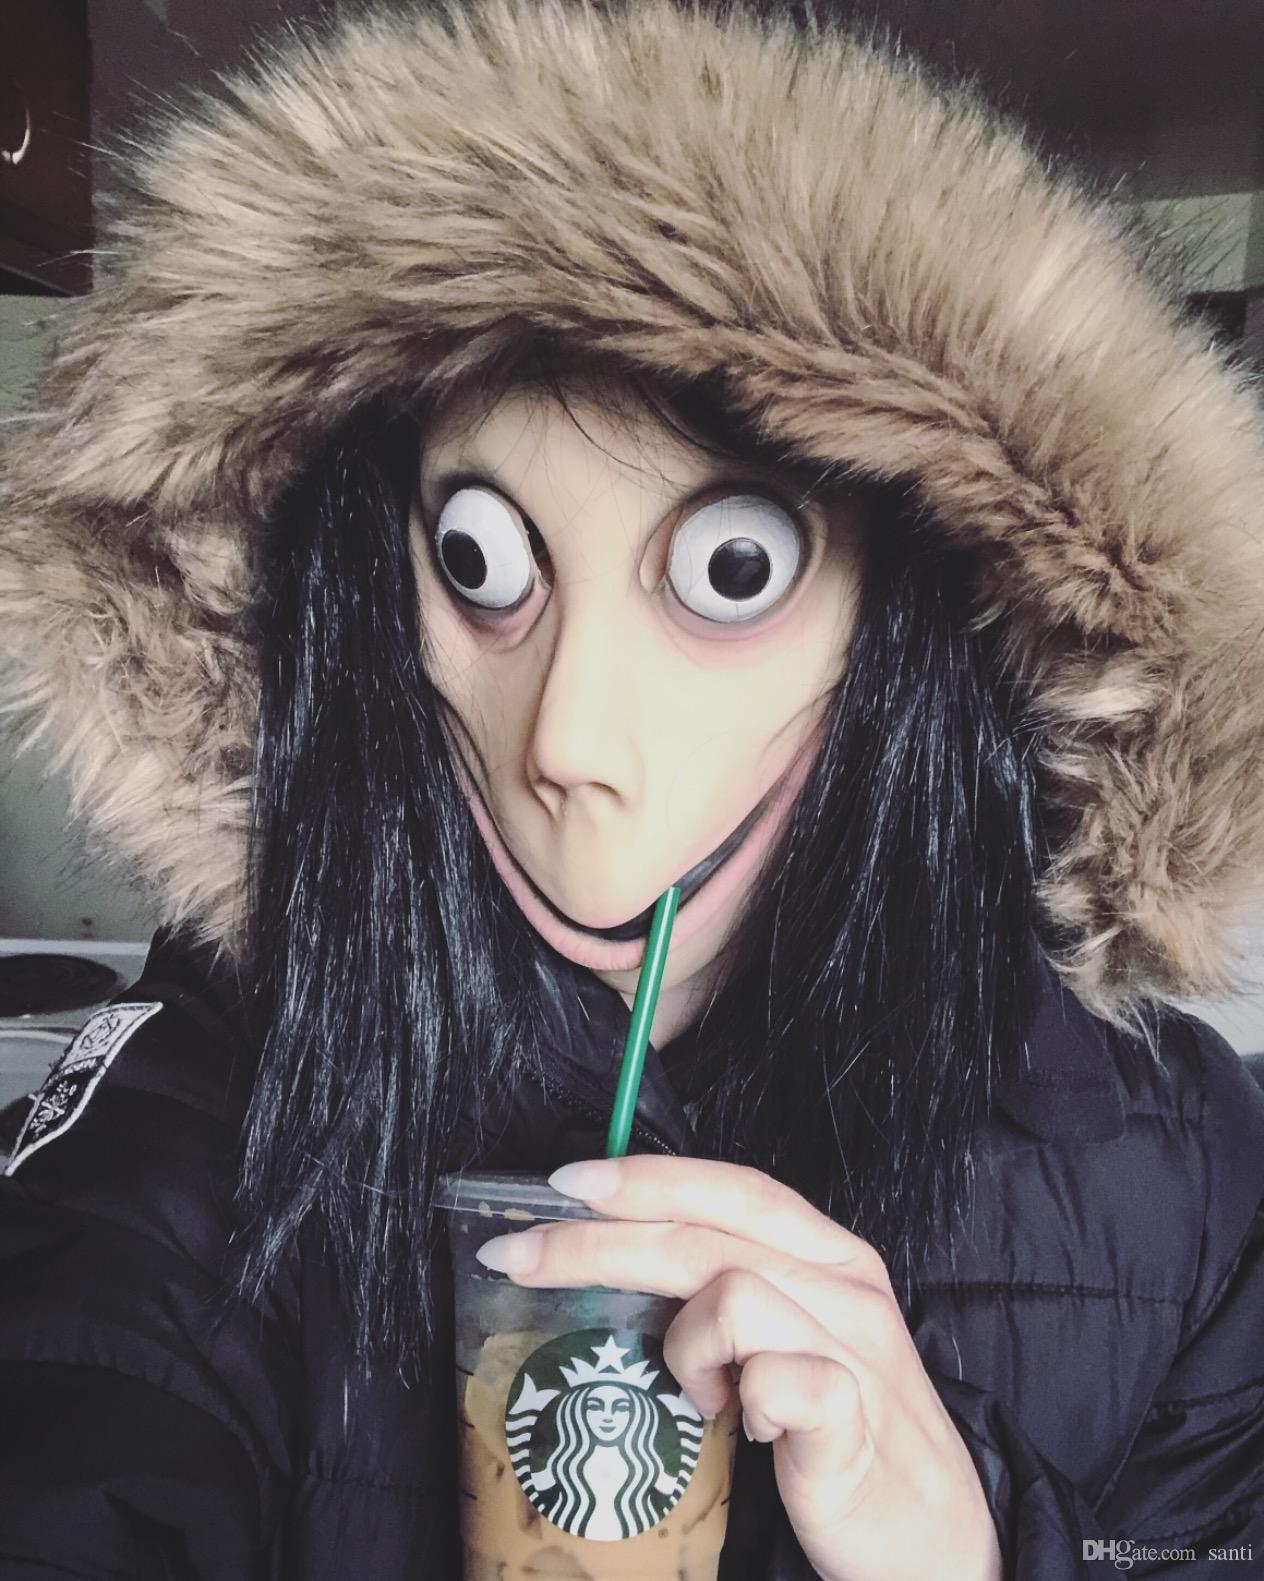 Juego de la muerte MOMO máscara del horror de la máscara de látex de Halloween de miedo Complementos Disfraz Mujer Fantasma de la peluca del partido del festival Jugando Suministros JK1909